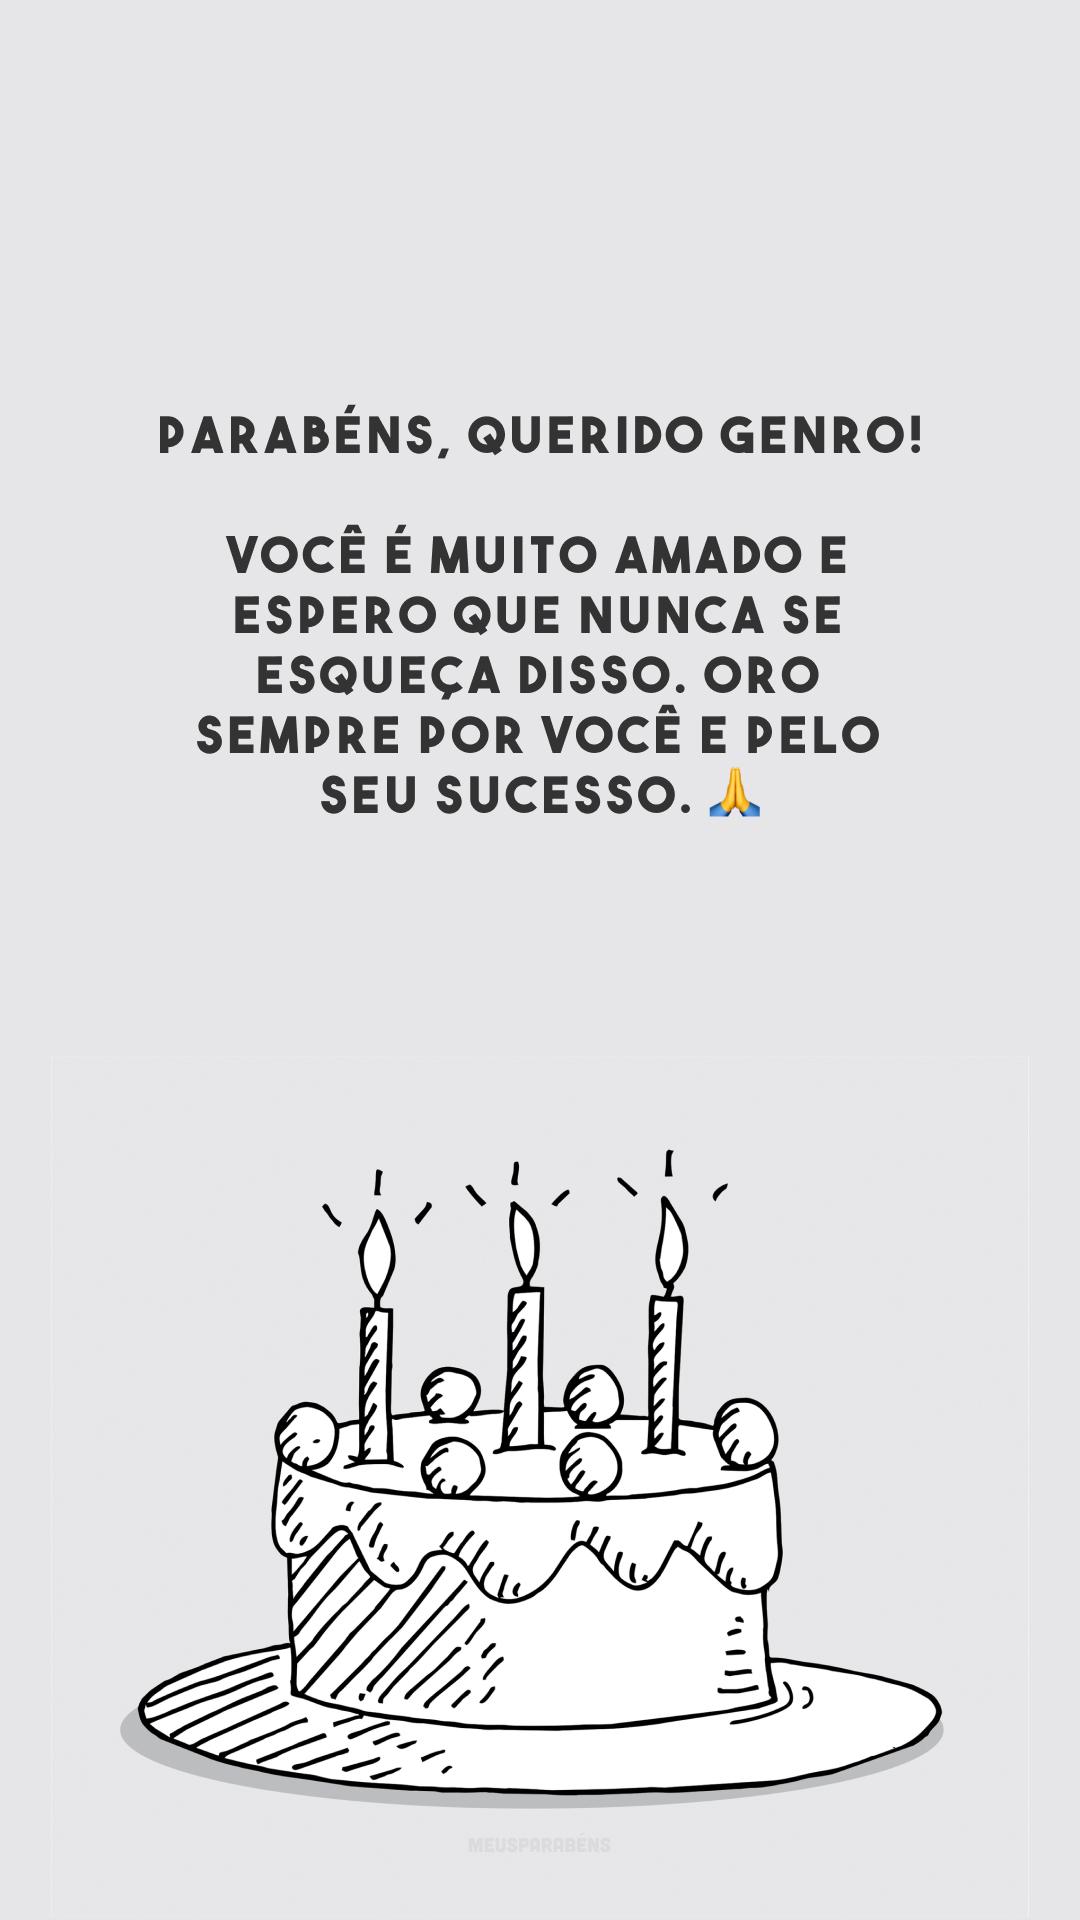 Parabéns, querido genro! Você é muito amado e espero que nunca se esqueça disso. Oro sempre por você e pelo seu sucesso. 🙏